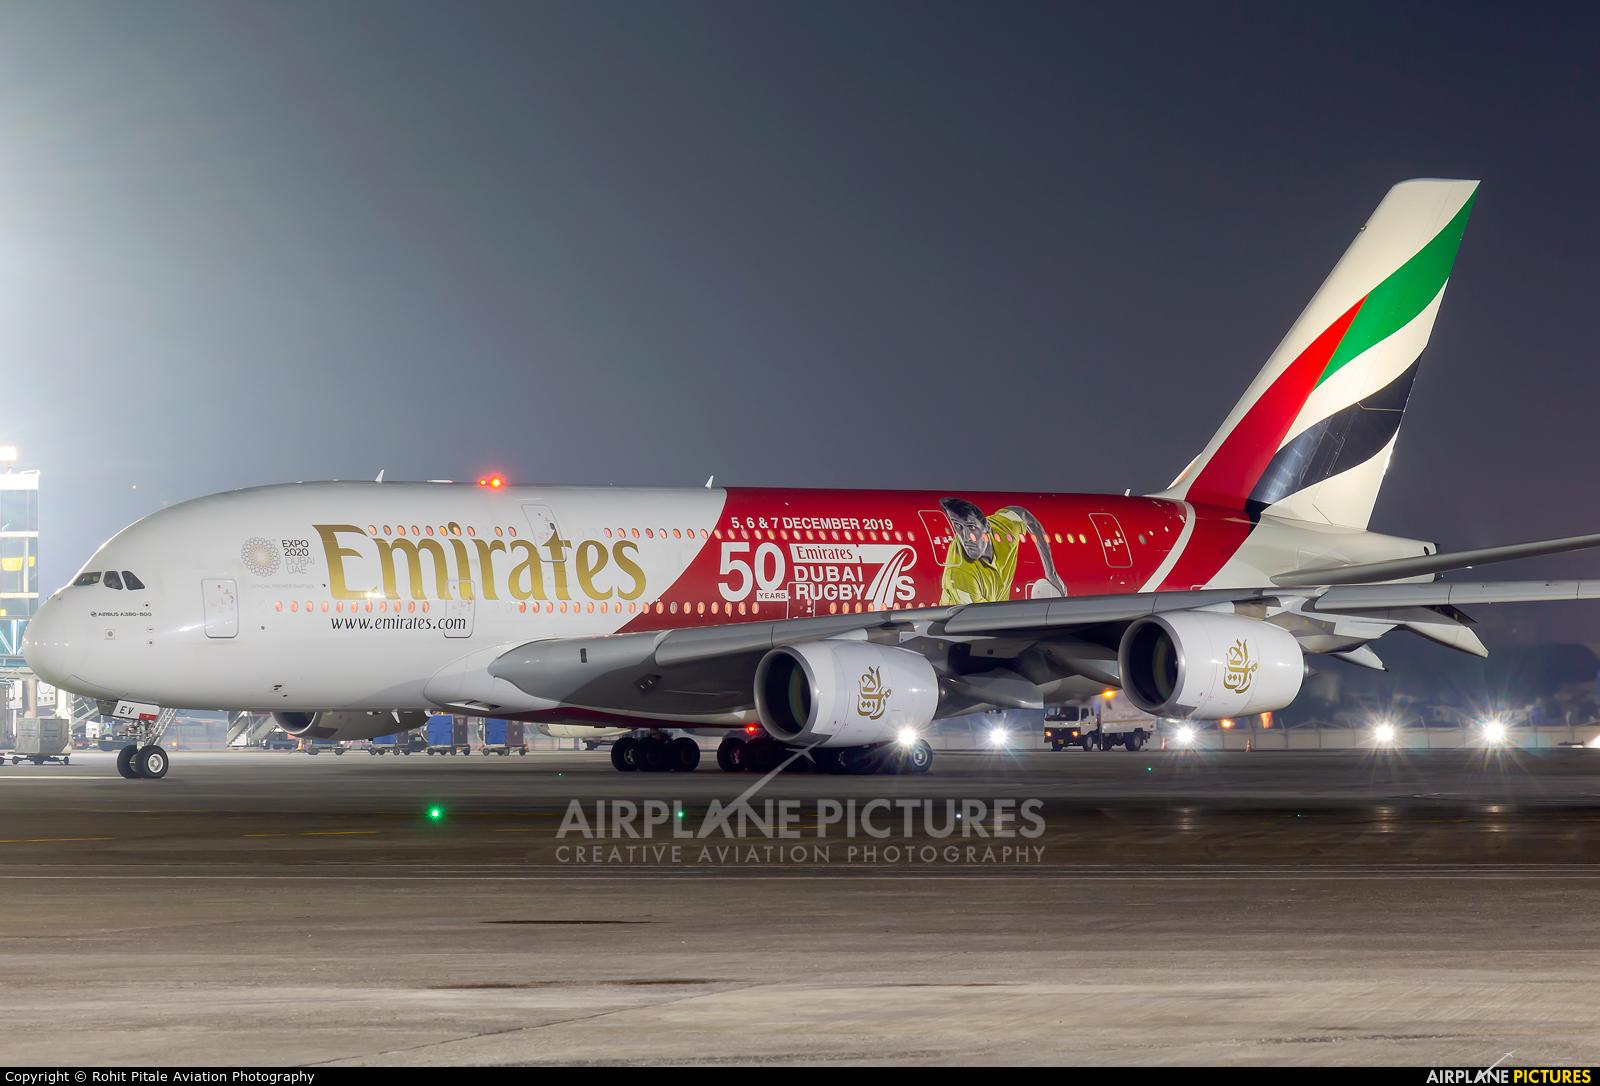 Emirates Airlines A6-EEV aircraft at Mumbai - Chhatrapati Shivaji Intl